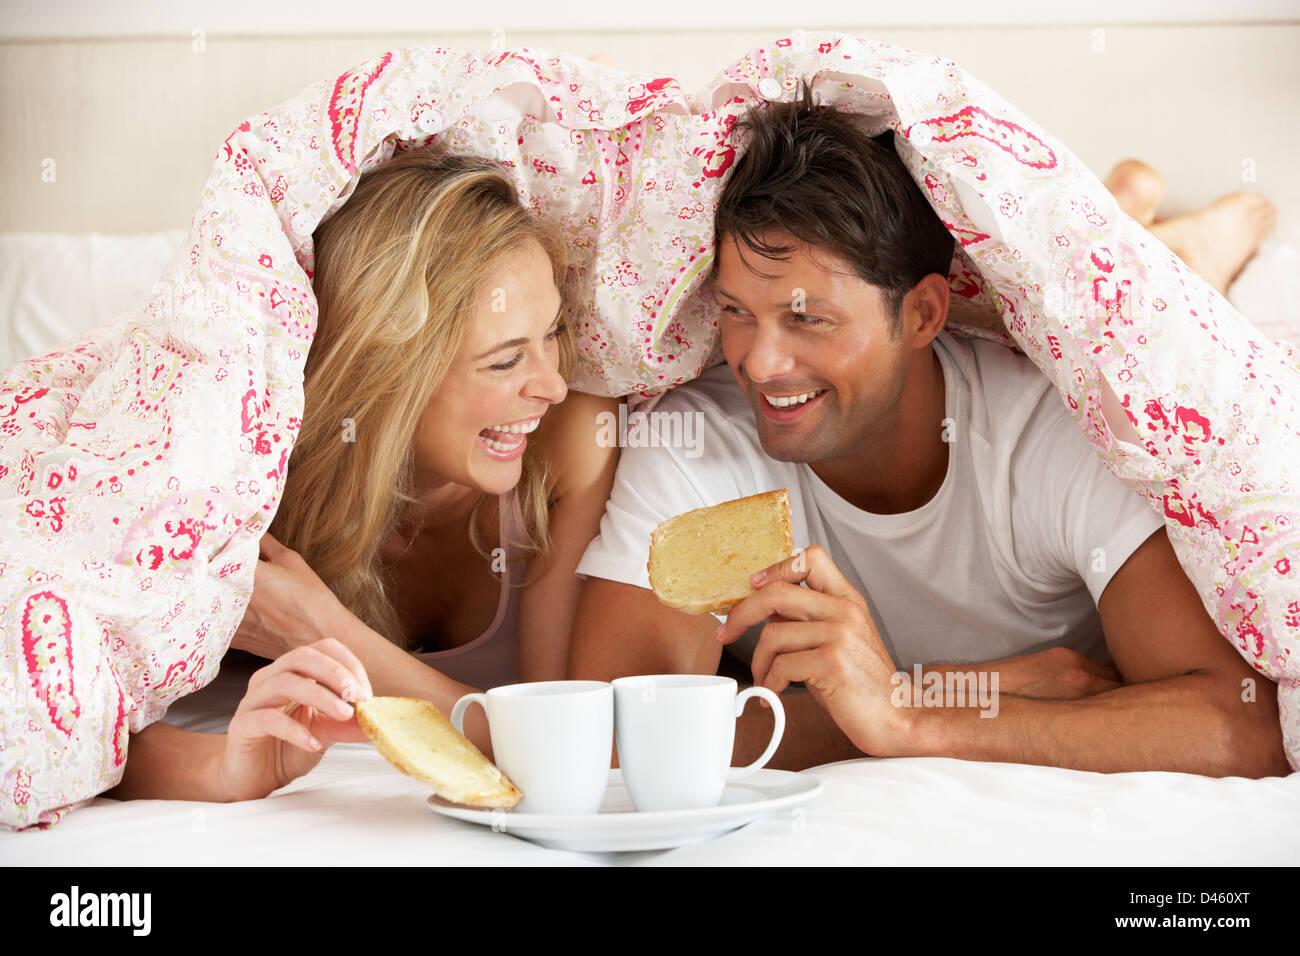 Pareja acurrucada bajo el edredón desayunando Foto de stock